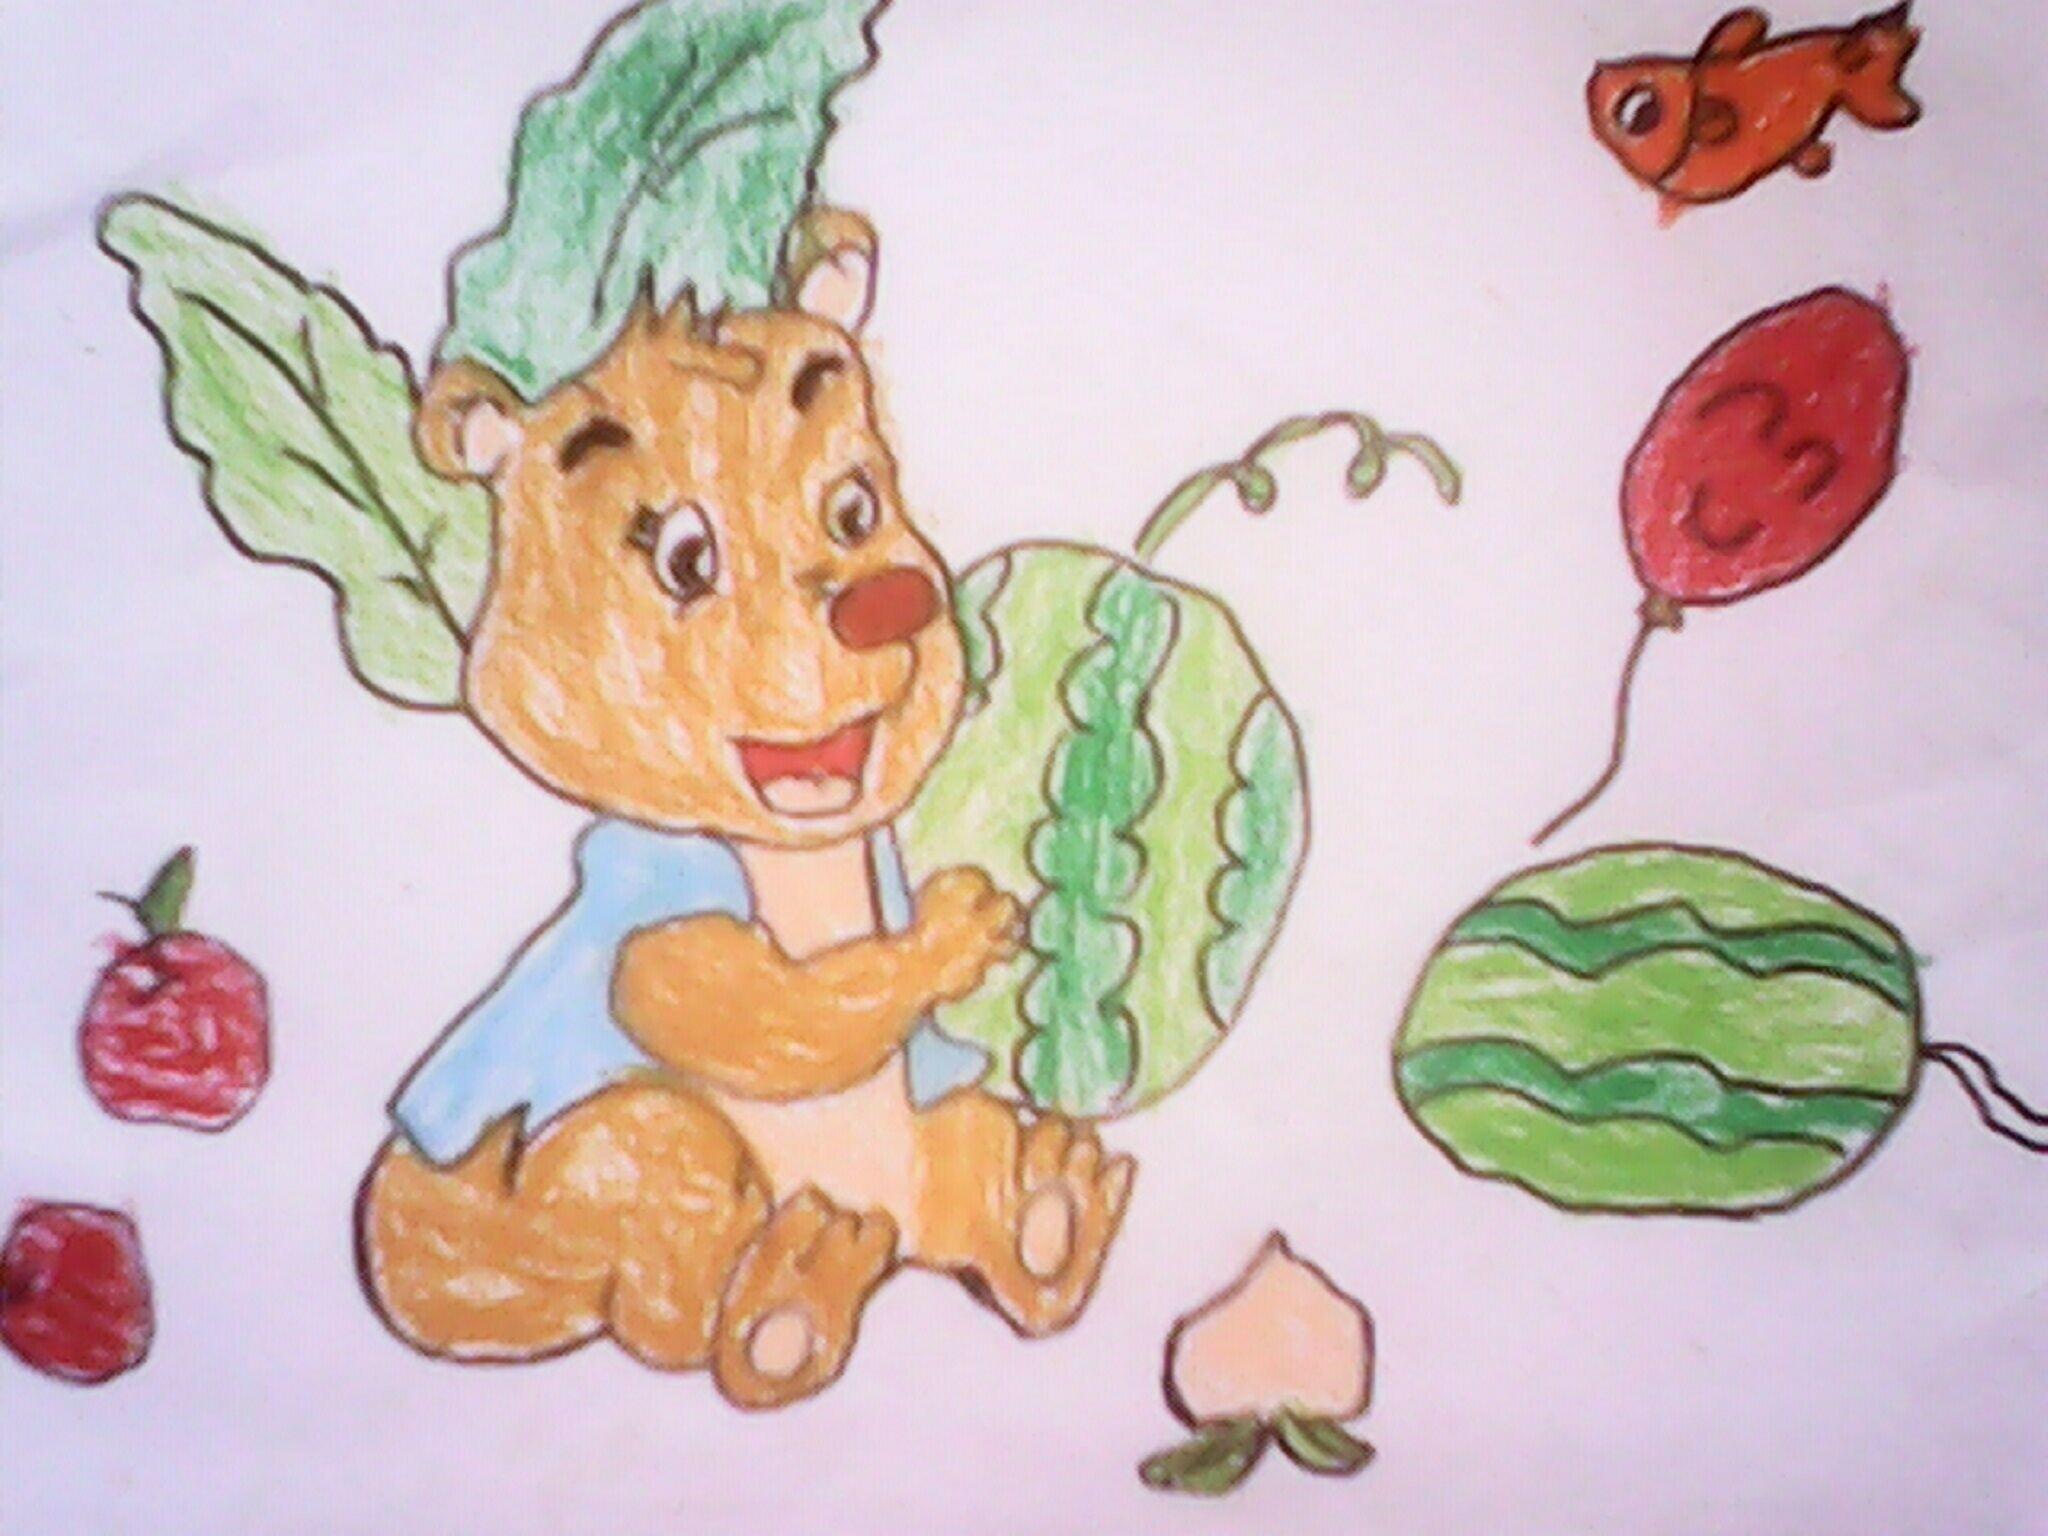 小熊-蜡笔画图集图片_儿童蜡笔画_少儿图库_中国儿童